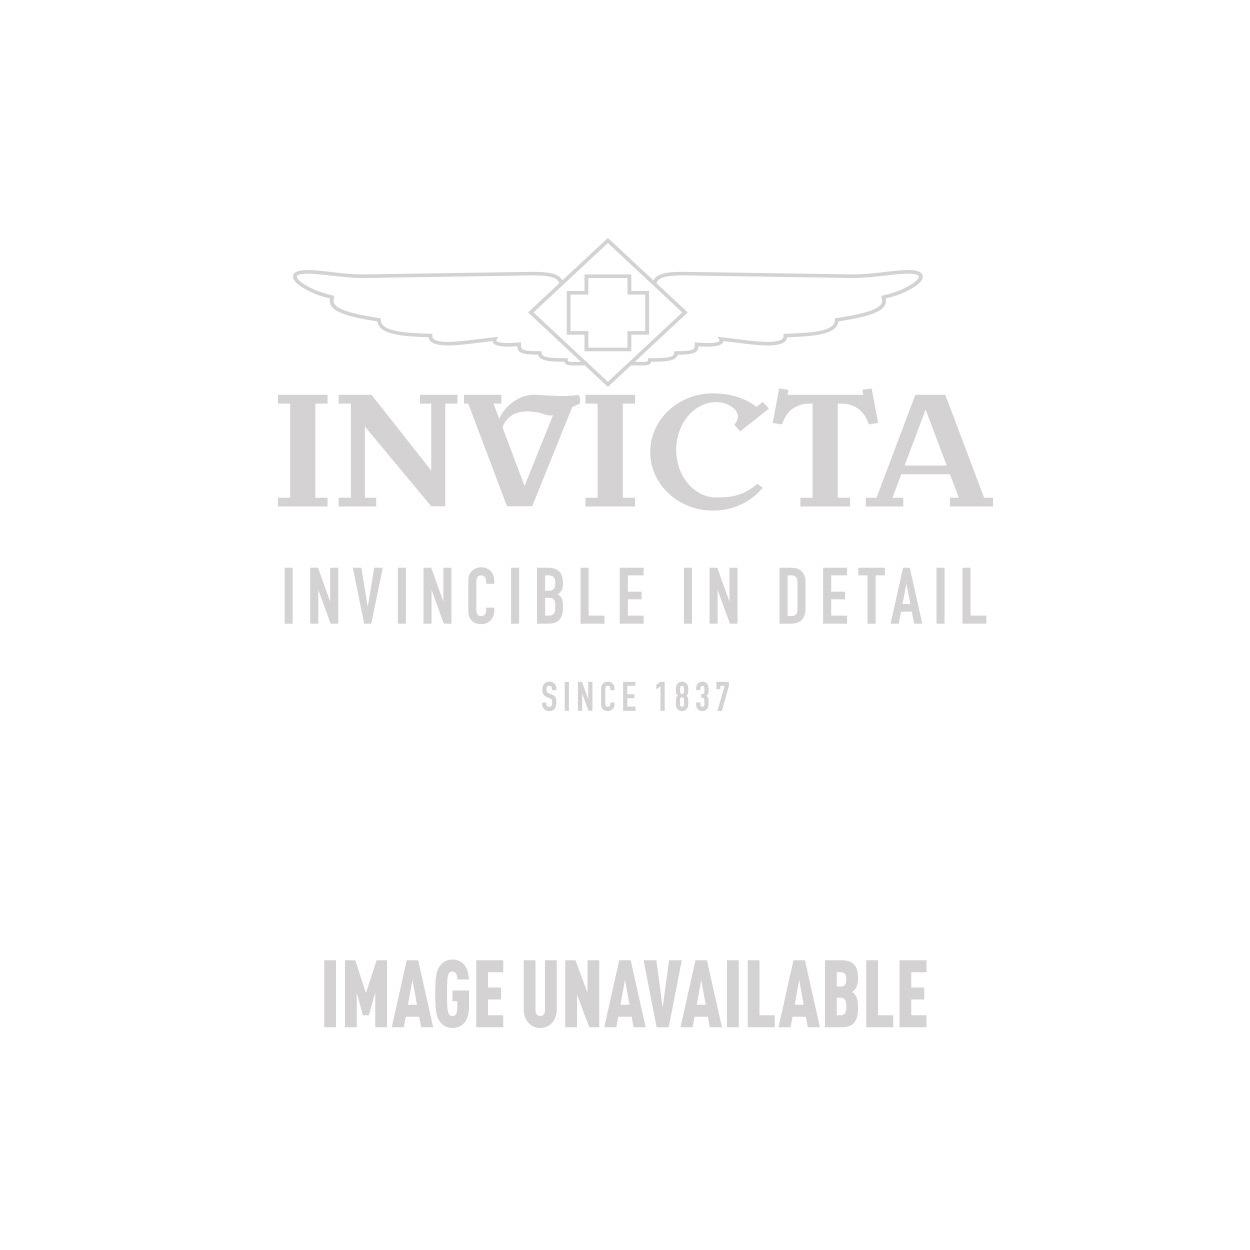 Invicta Model 25571